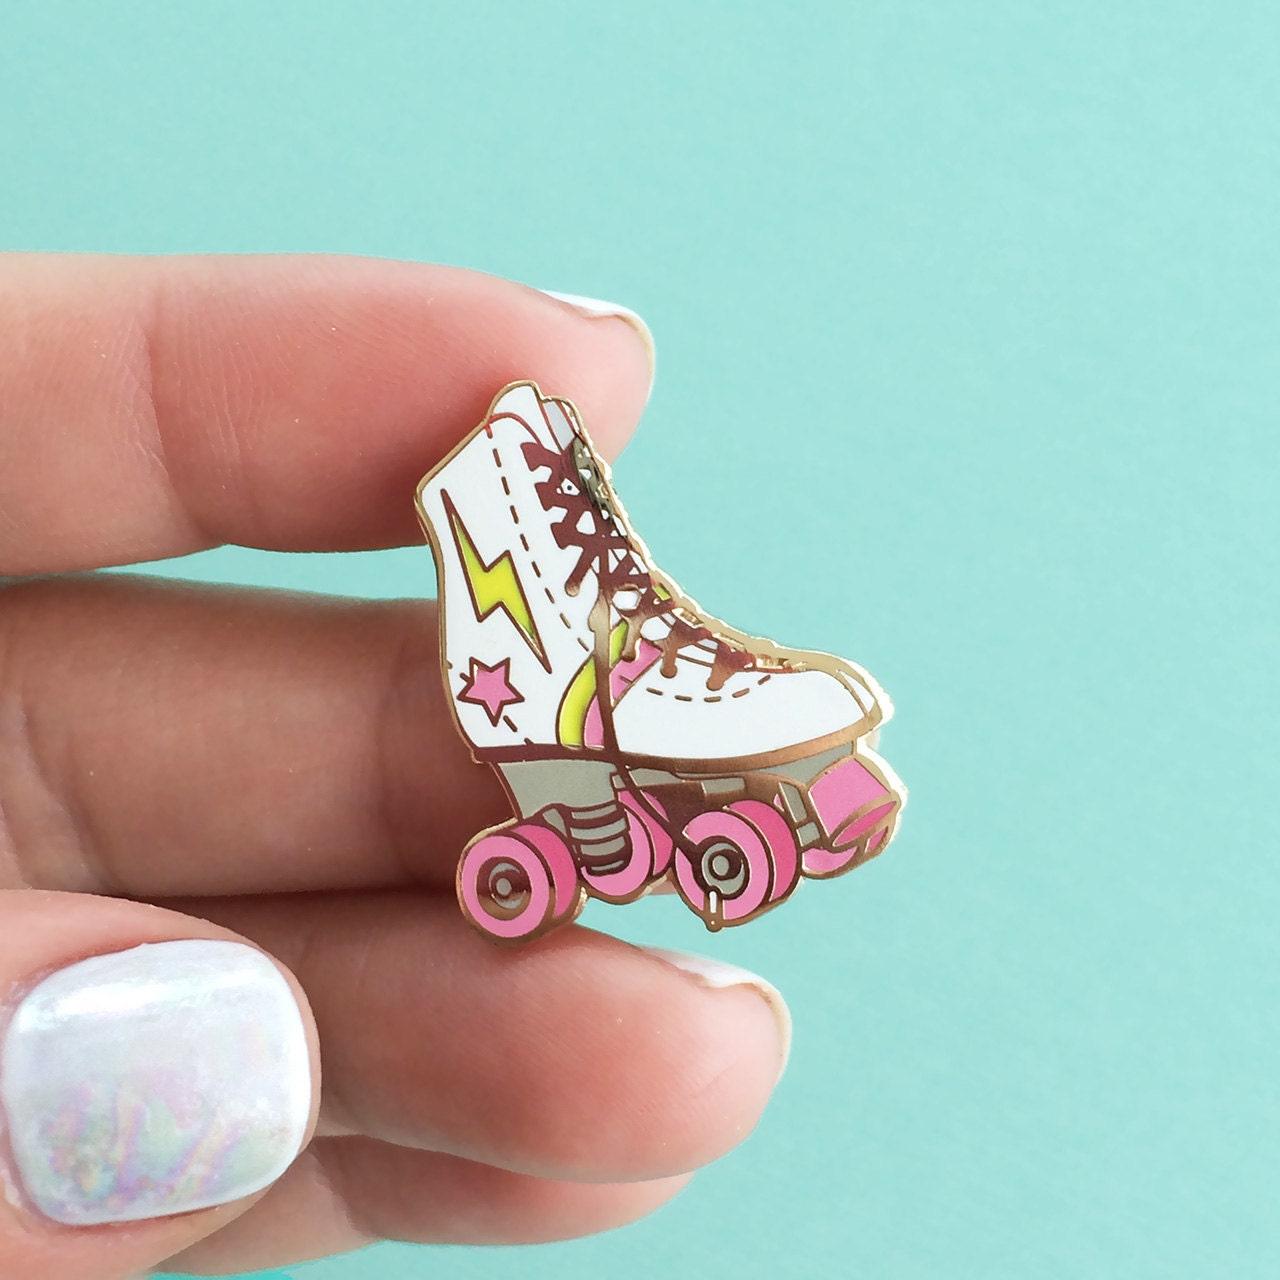 Roller skate shoes in sri lanka - Roller Skate Enamel Pin Flair Lapel Hard Enamel Roller Derby Girl